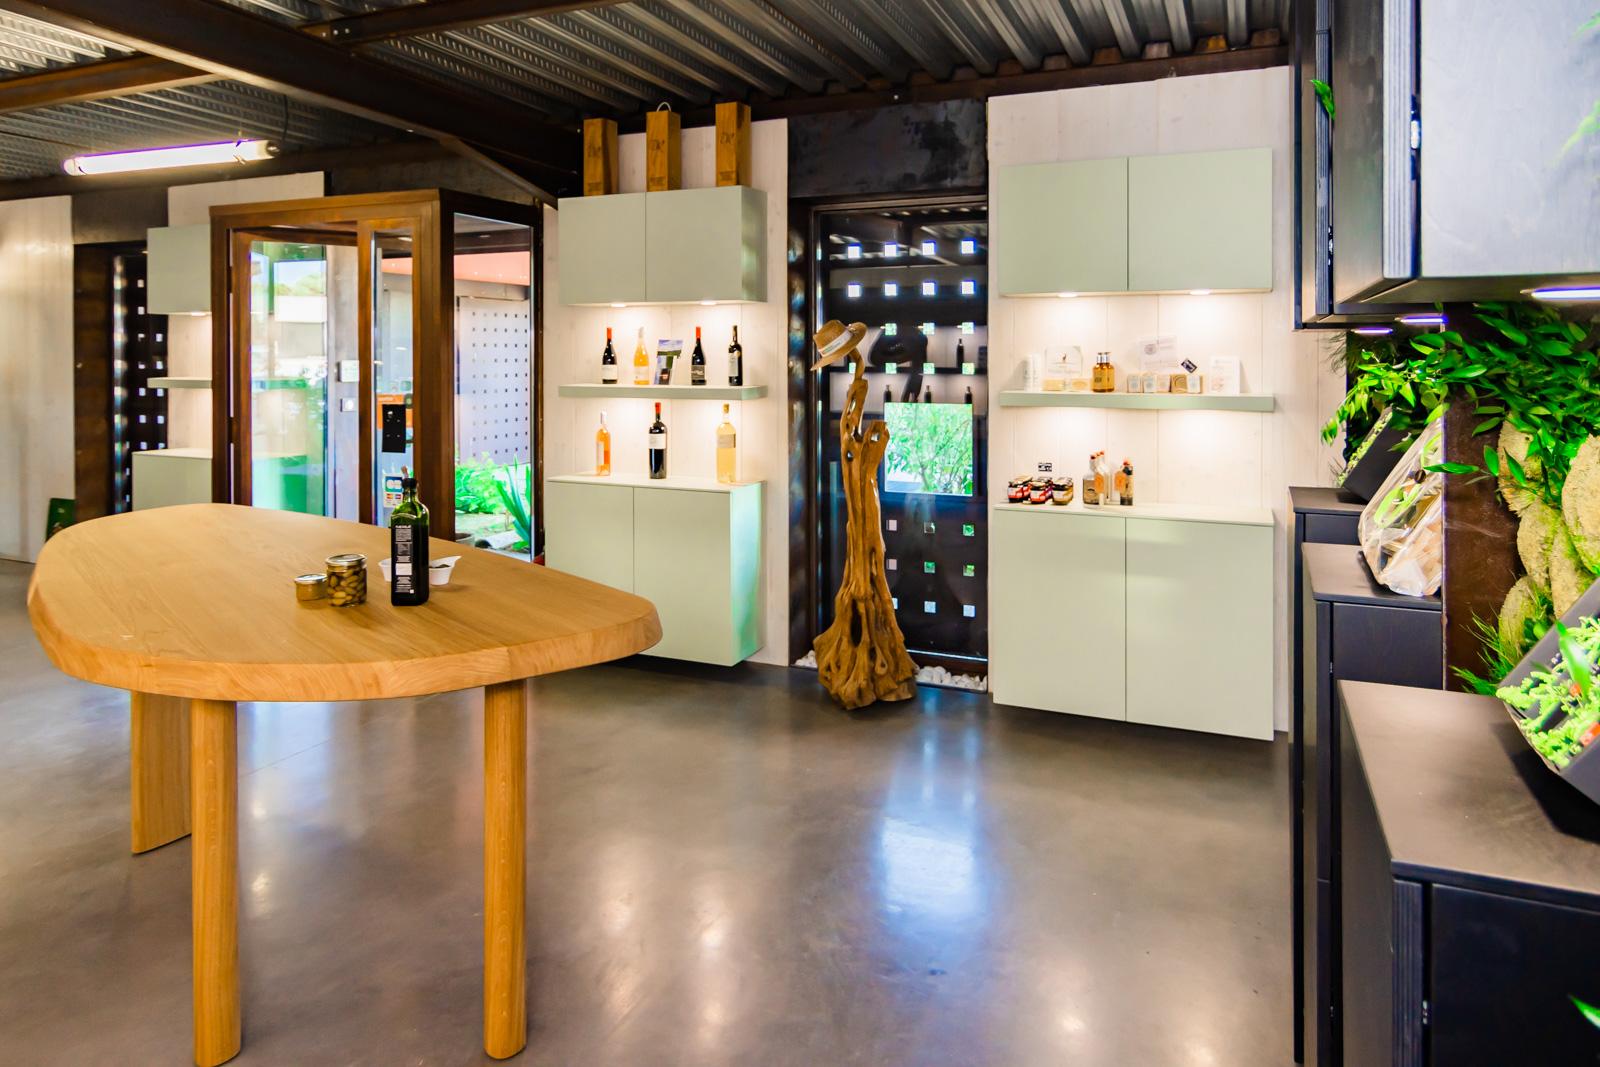 Boutique de vente d'huile d'olive et de produit du terroir à Gignac, hérault